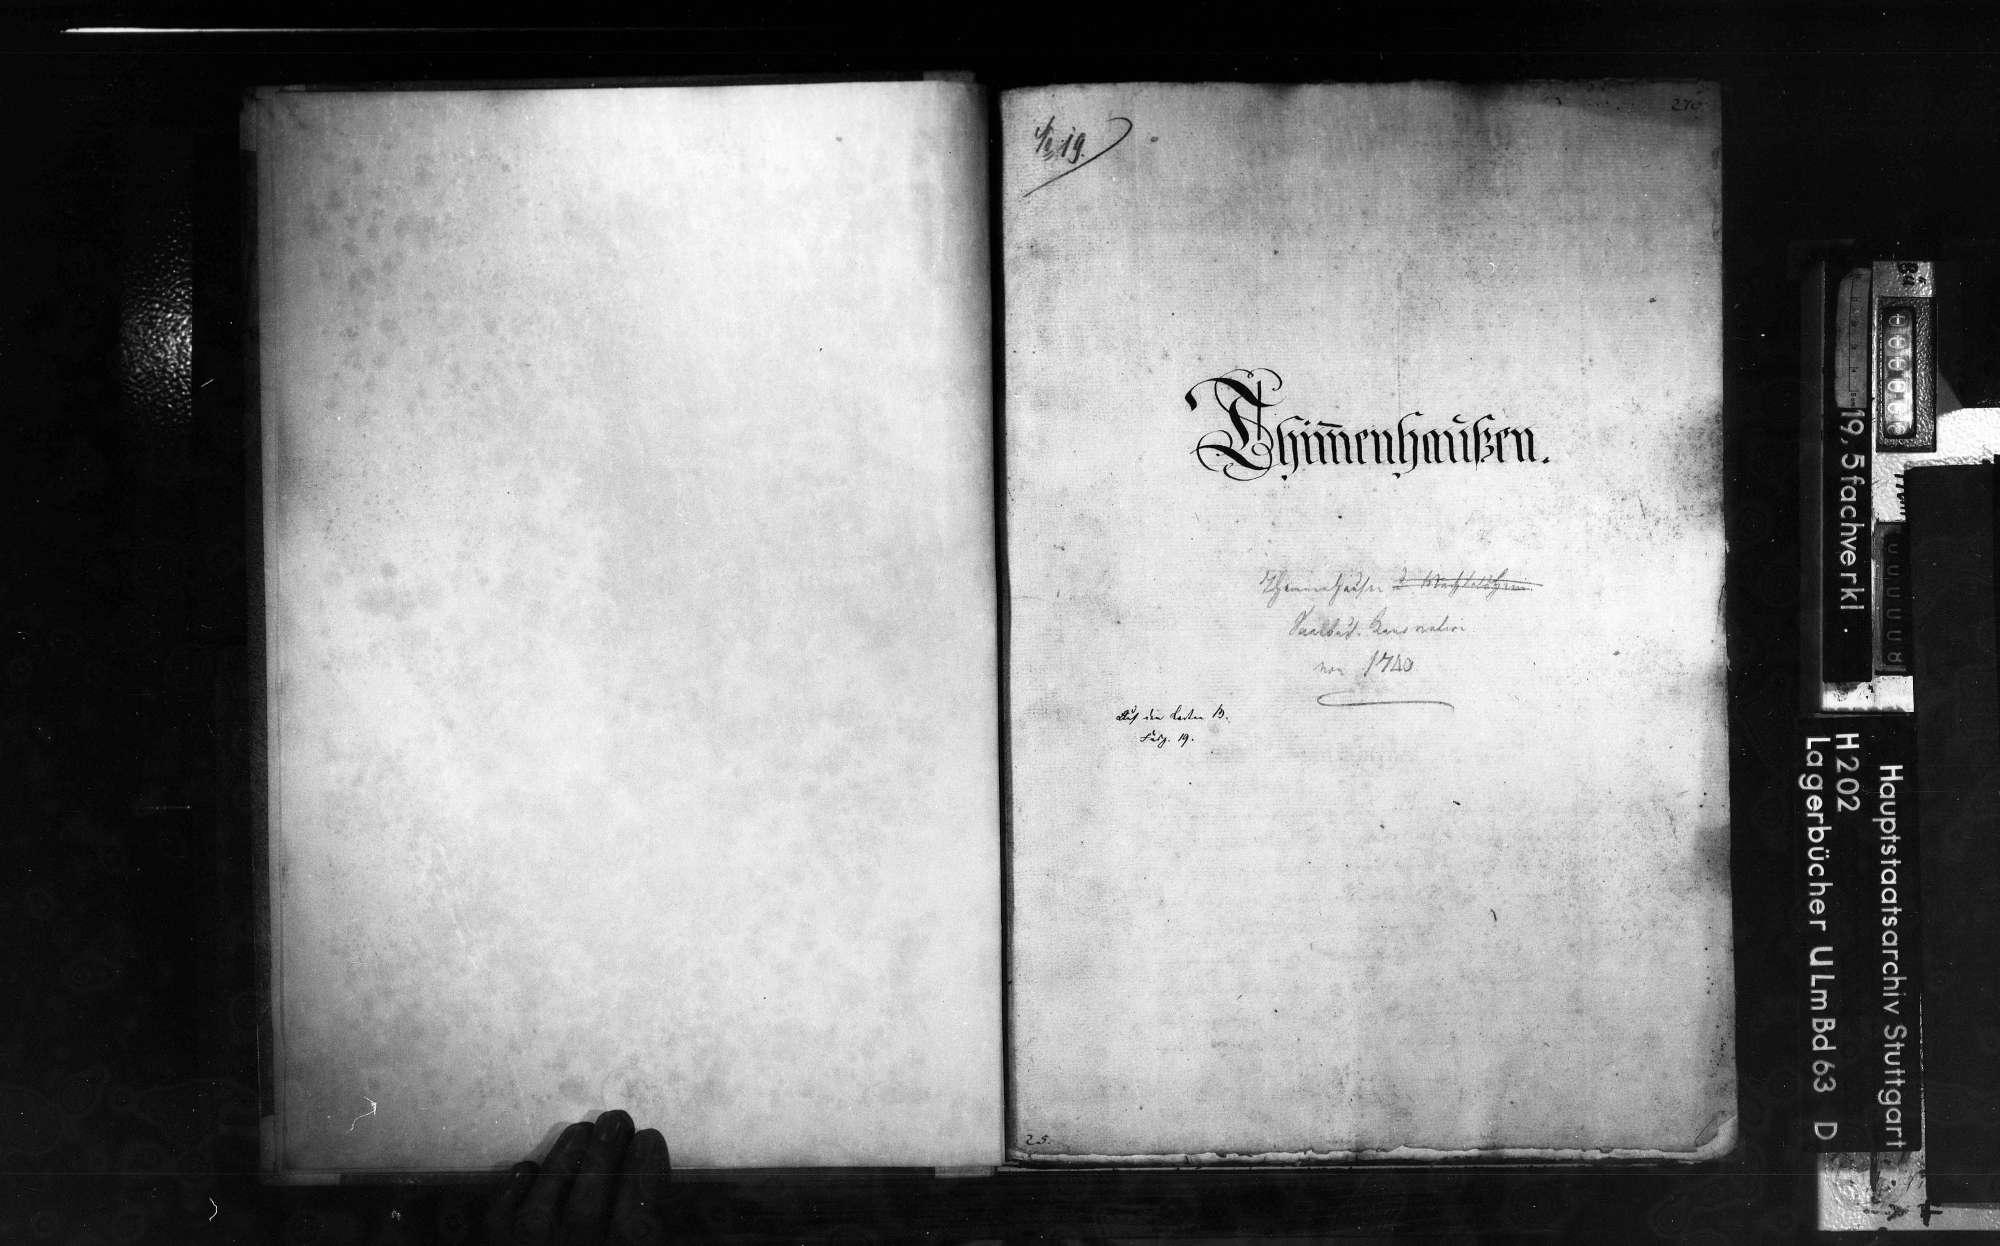 Temmenhausen, Bild 2